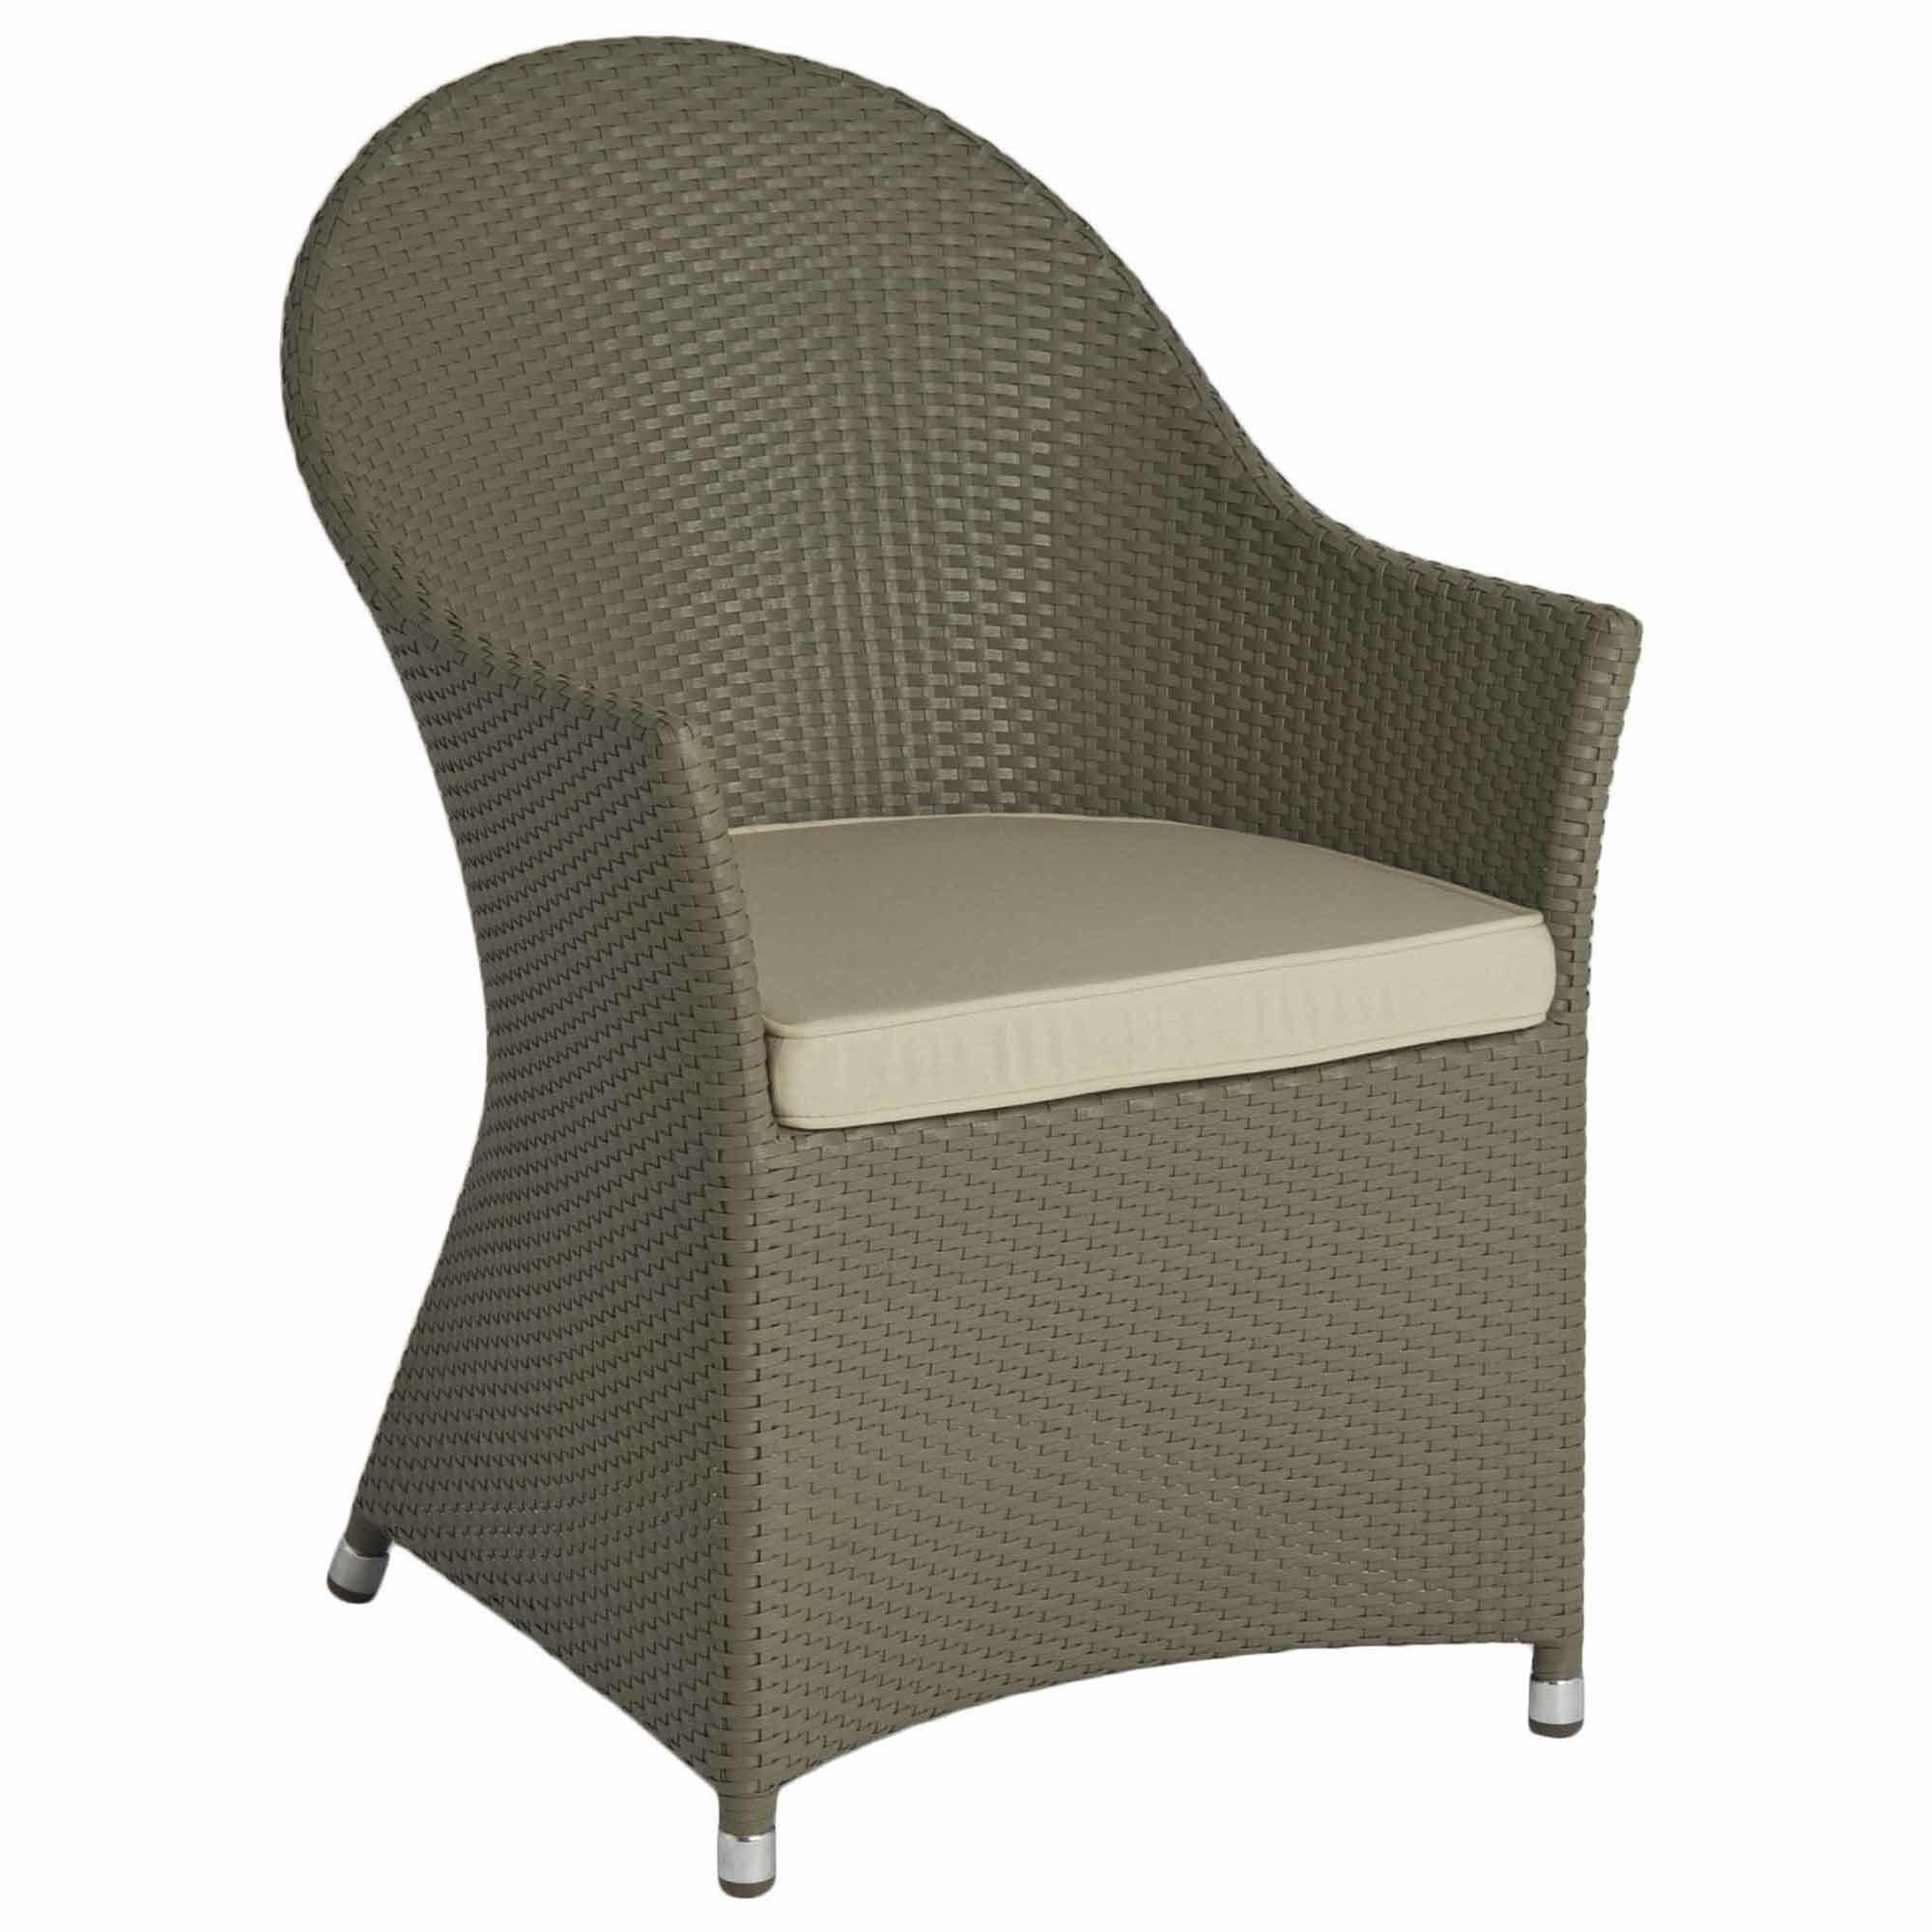 outdoor rattan garden wicker furniture set patio arm chair china outdoor rattan garden